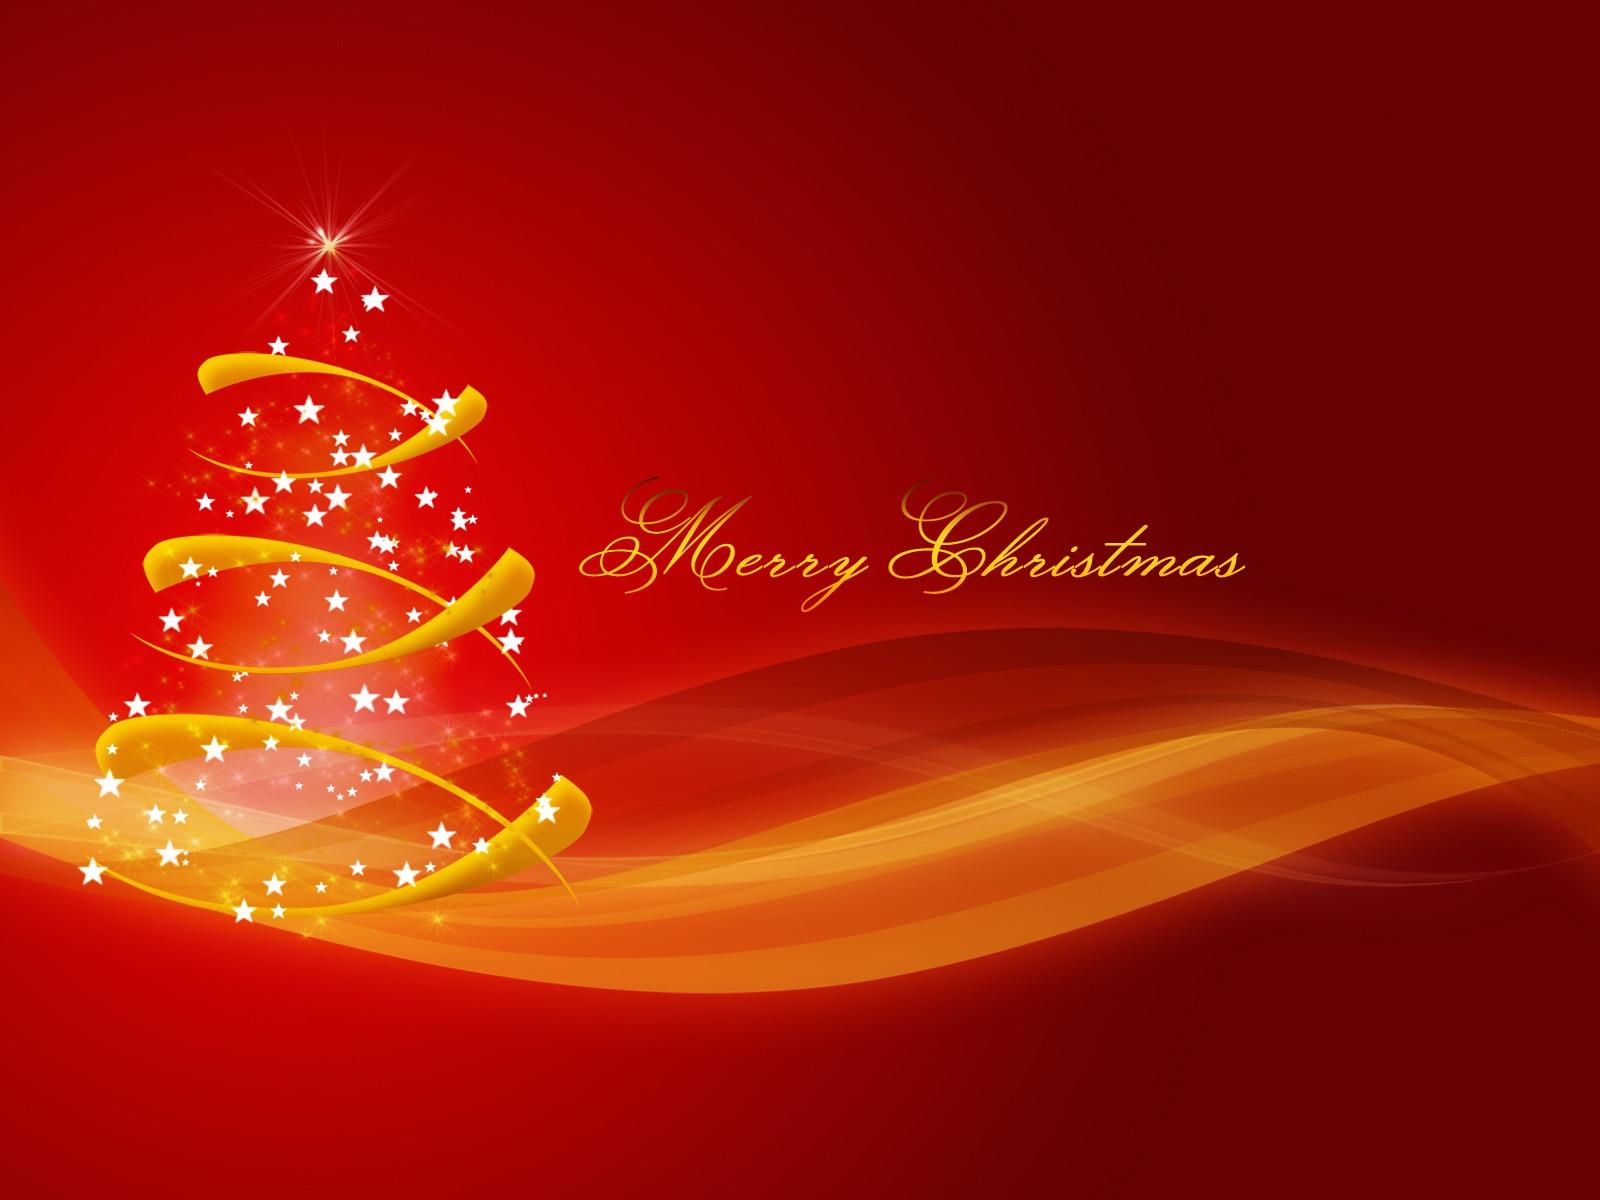 Buon Natale da Quotidiano Canavese